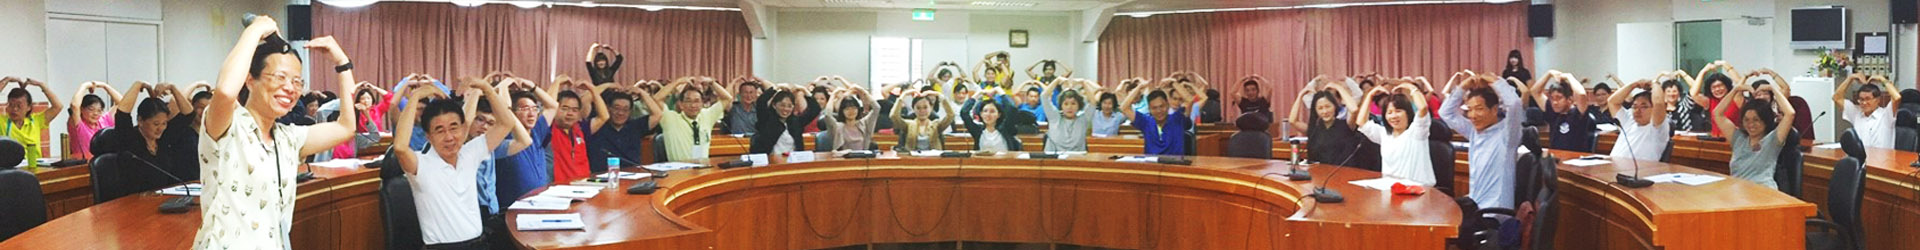 彰化縣社區總體營造會議